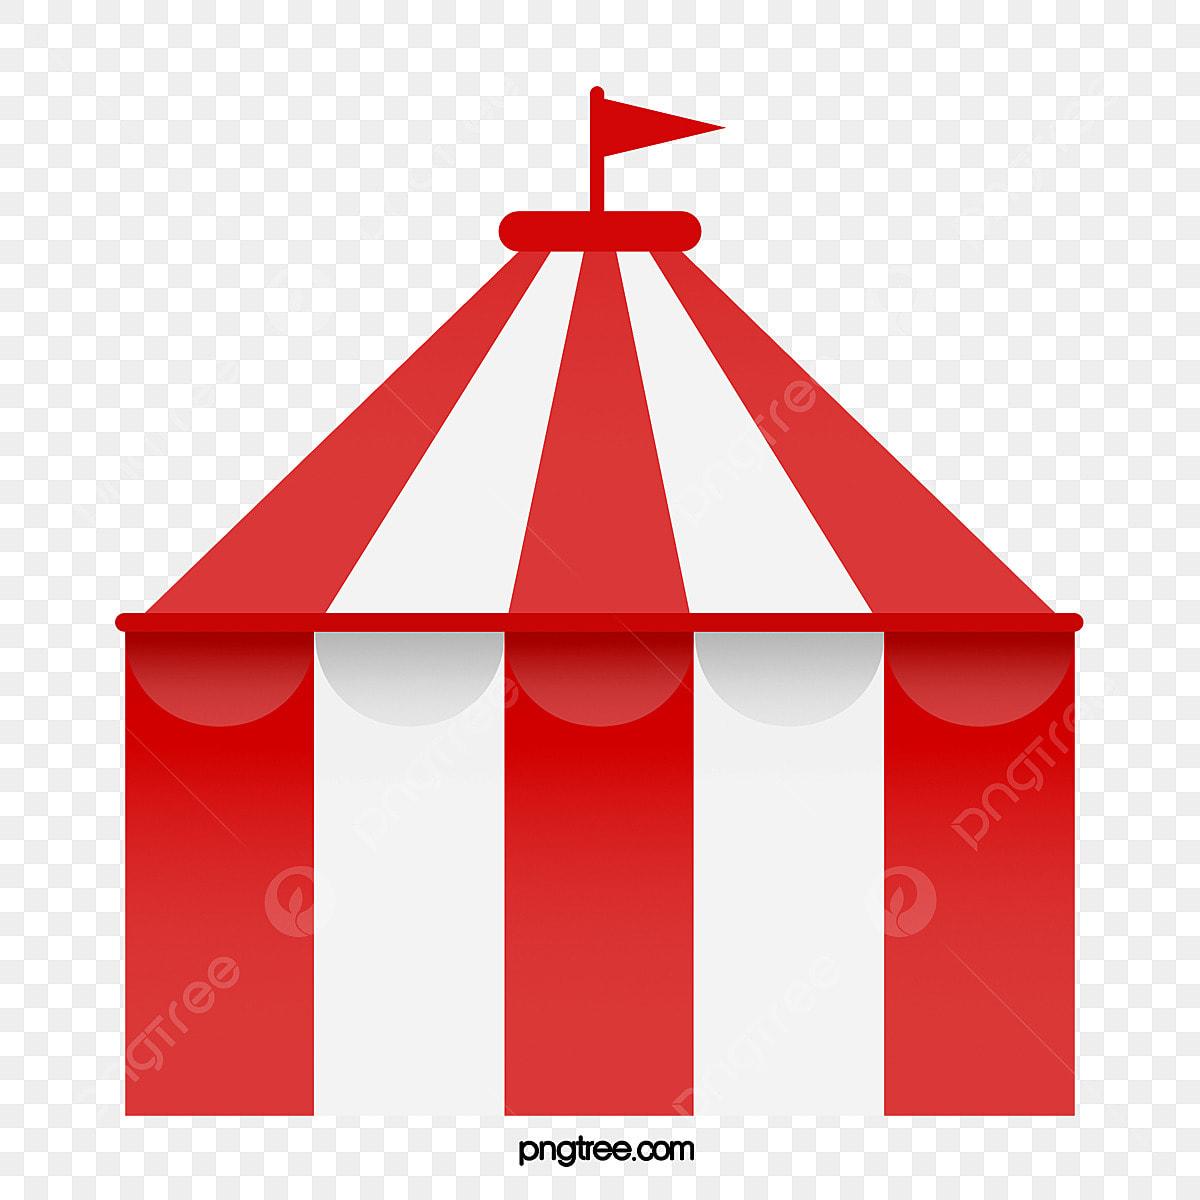 Uma Tenda De Circo O Circo Tenda Ger Png E Vetor Para Download